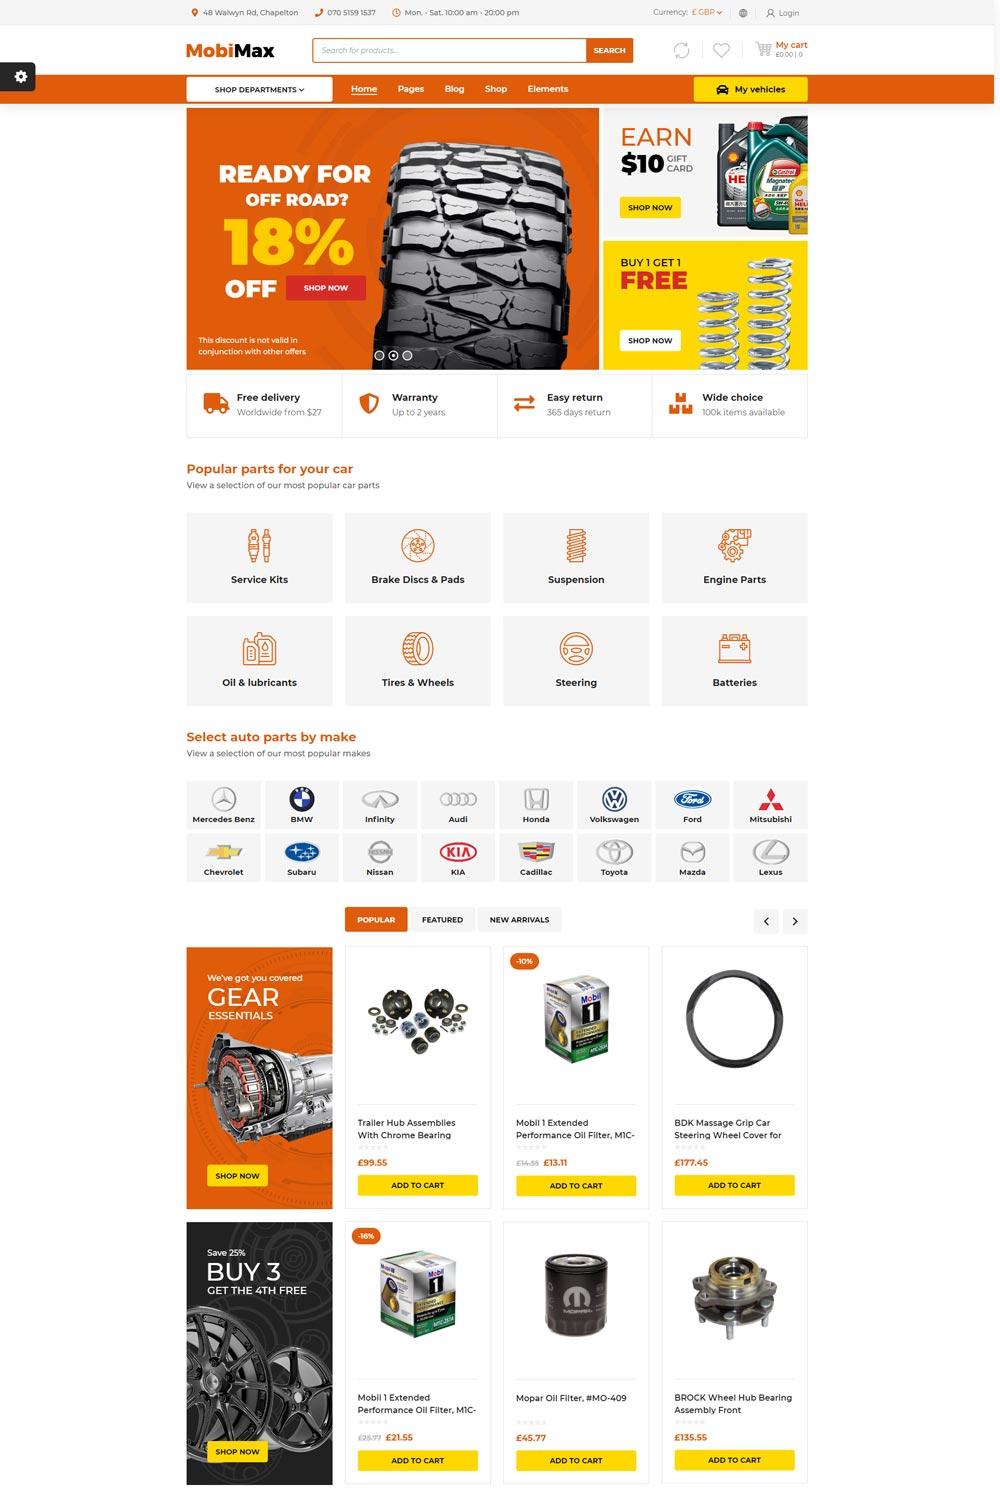 Mẫu Website bán hàng phụ tùng xe Mobimax